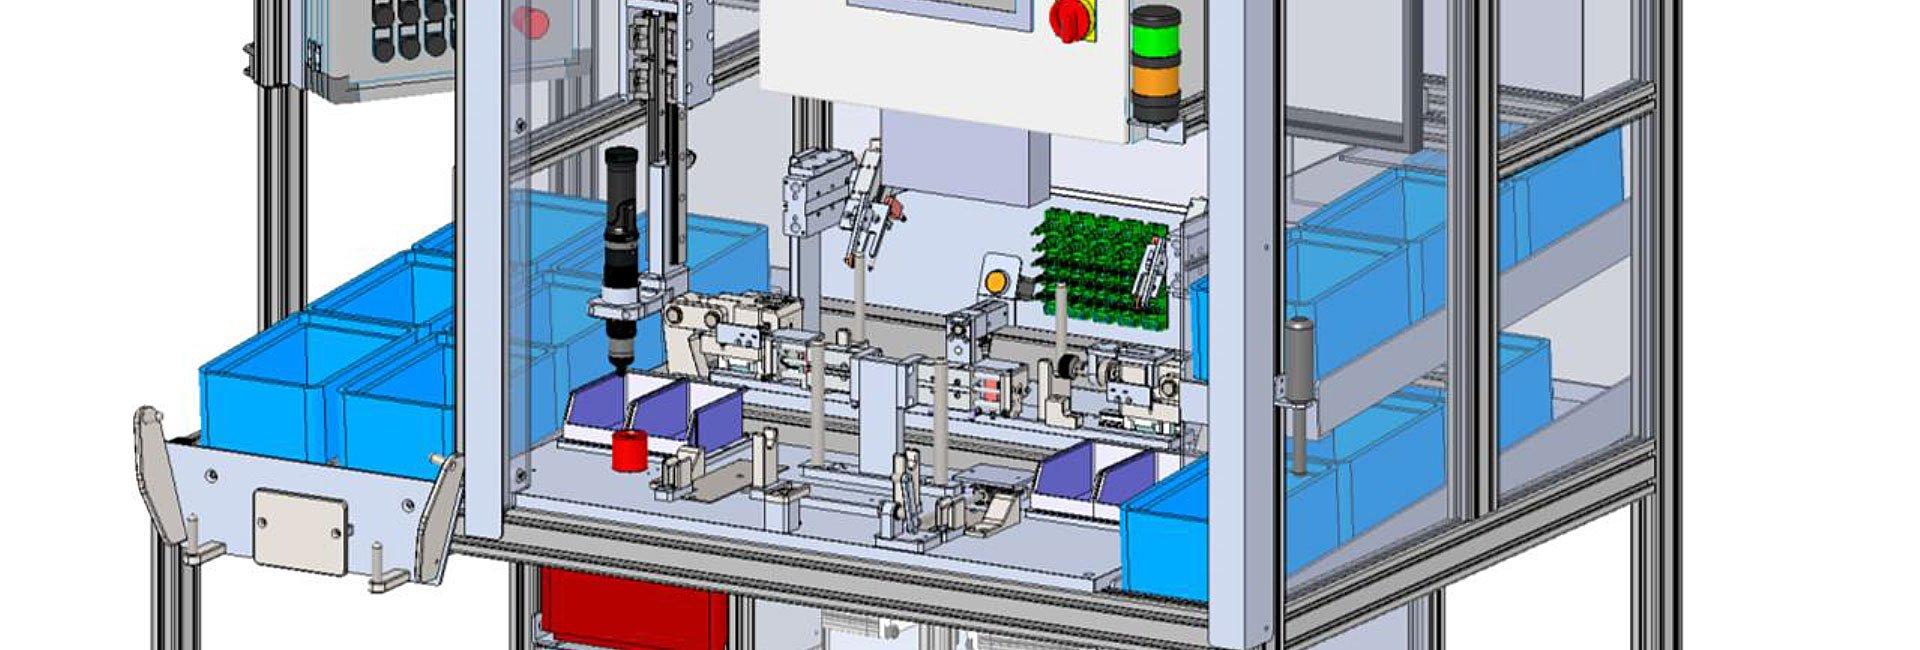 Mischer Sondermaschinenbau GmbH